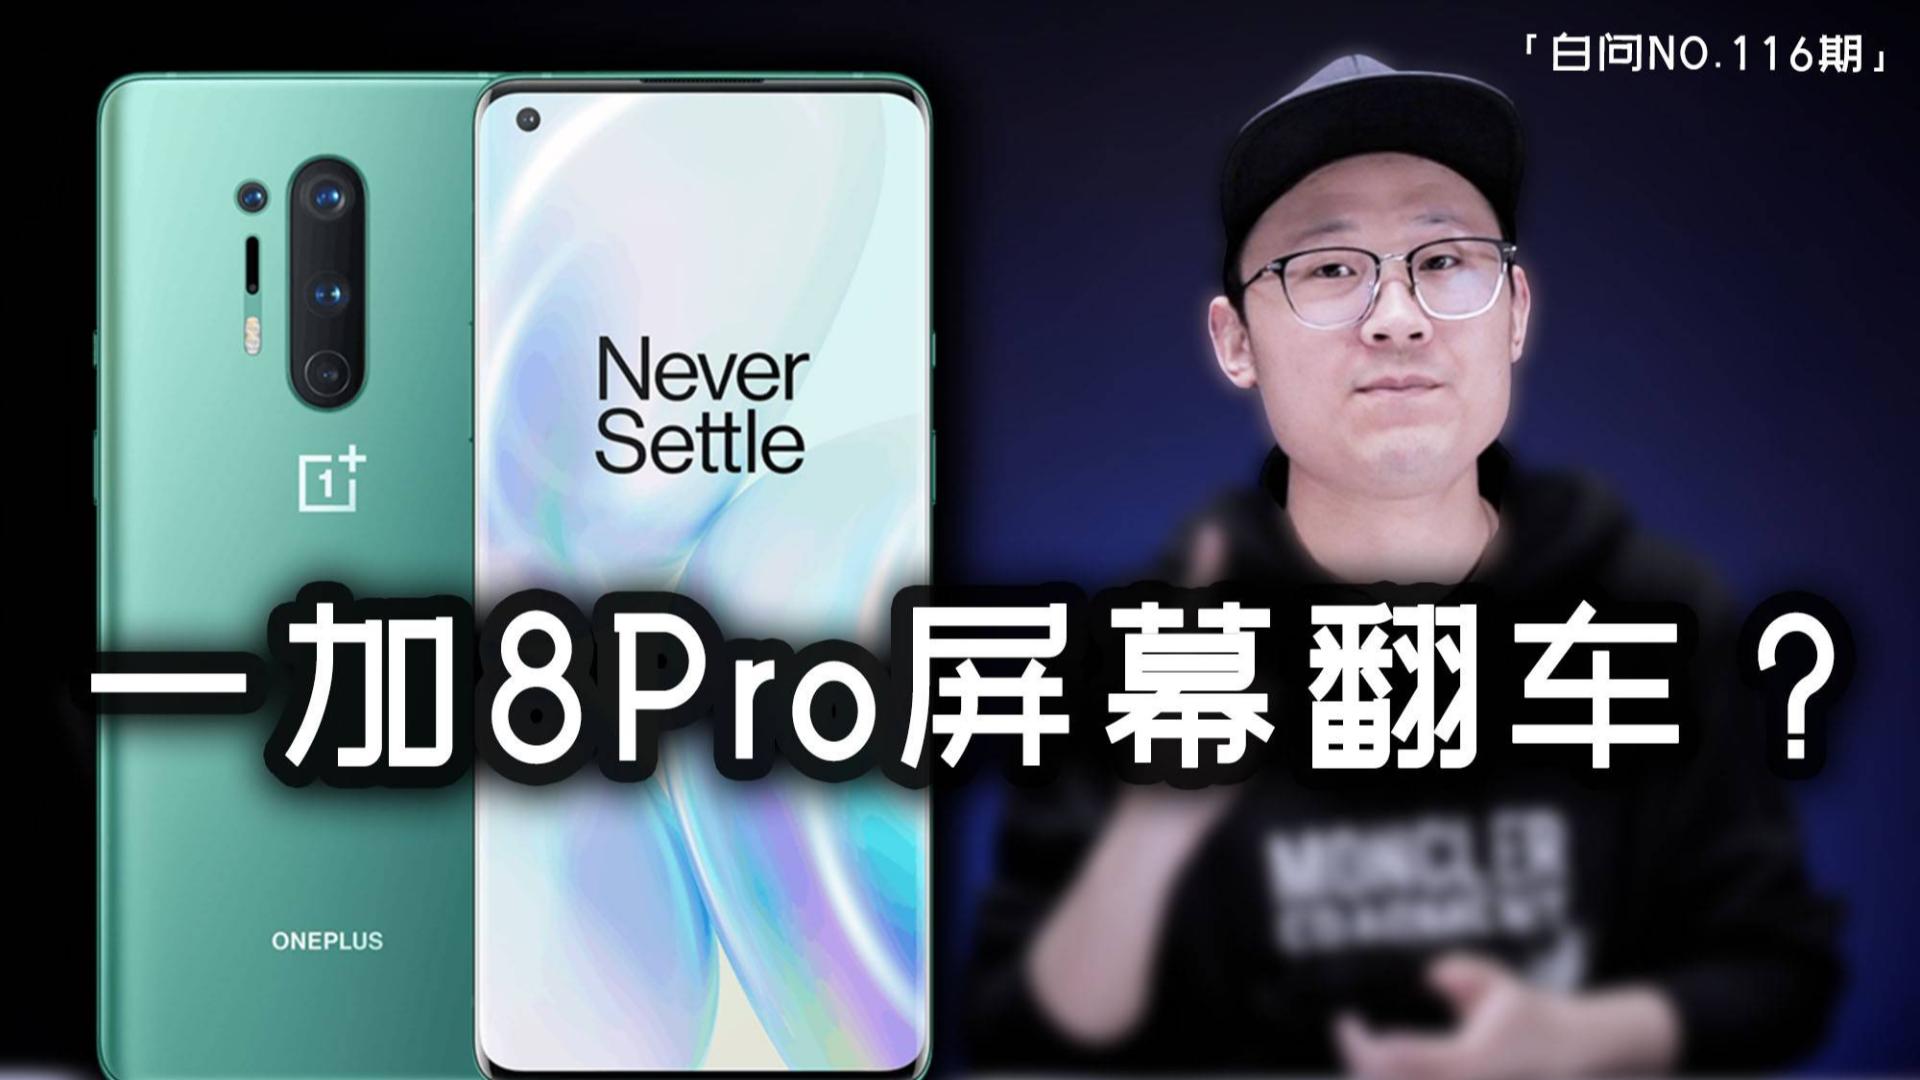 「白问 NO.116期」一加8Pro屏幕翻车? 麒麟985实力如何